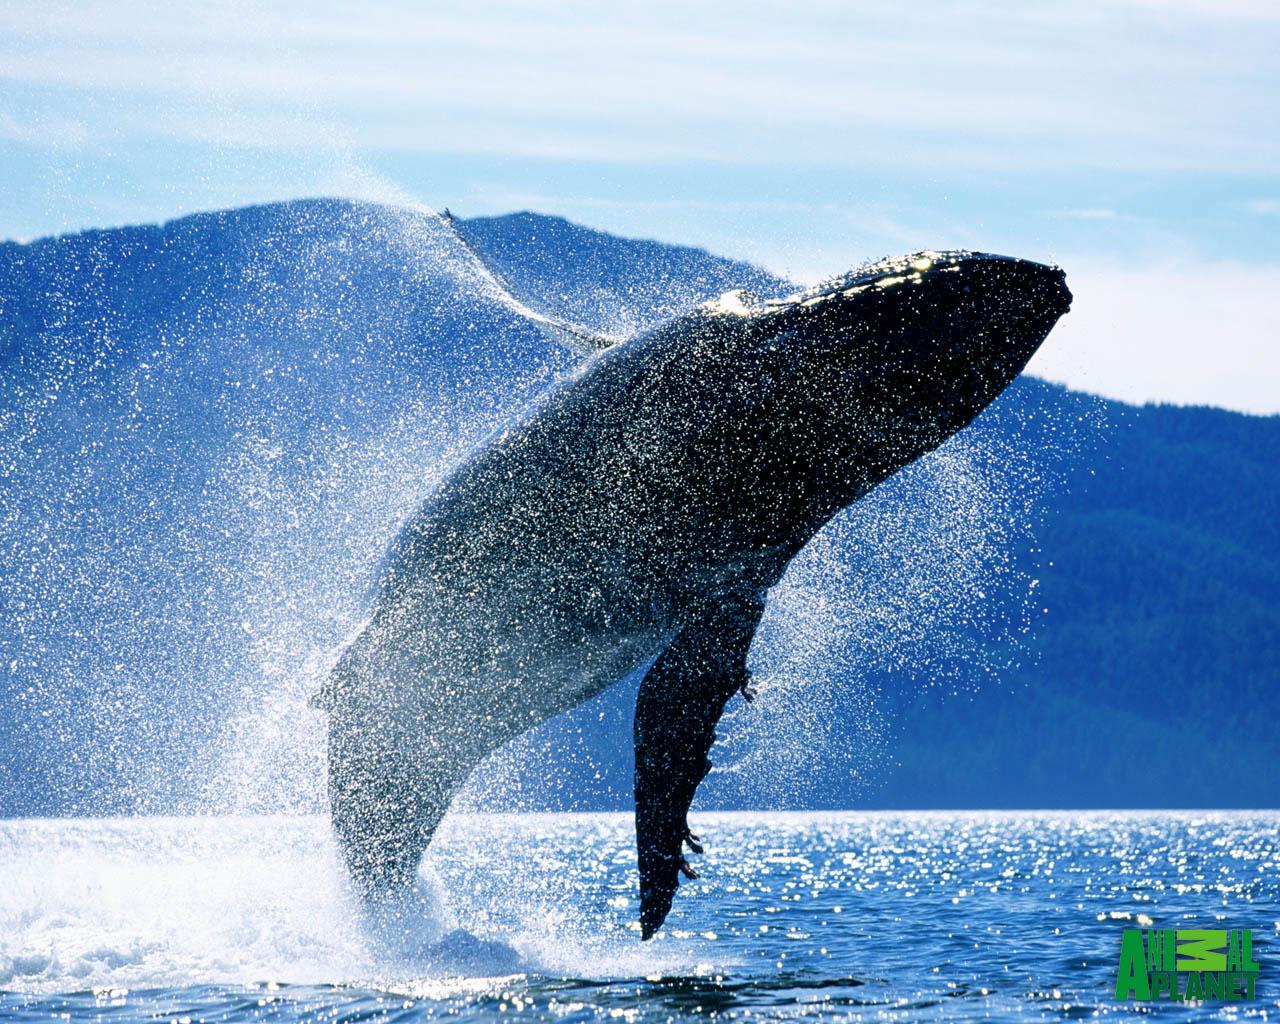 http://1.bp.blogspot.com/-KYv_u2YlR9k/UBdsowR2b-I/AAAAAAAAA4U/pgIwhYVH8x8/s1600/Whales+Wallpaper.jpg